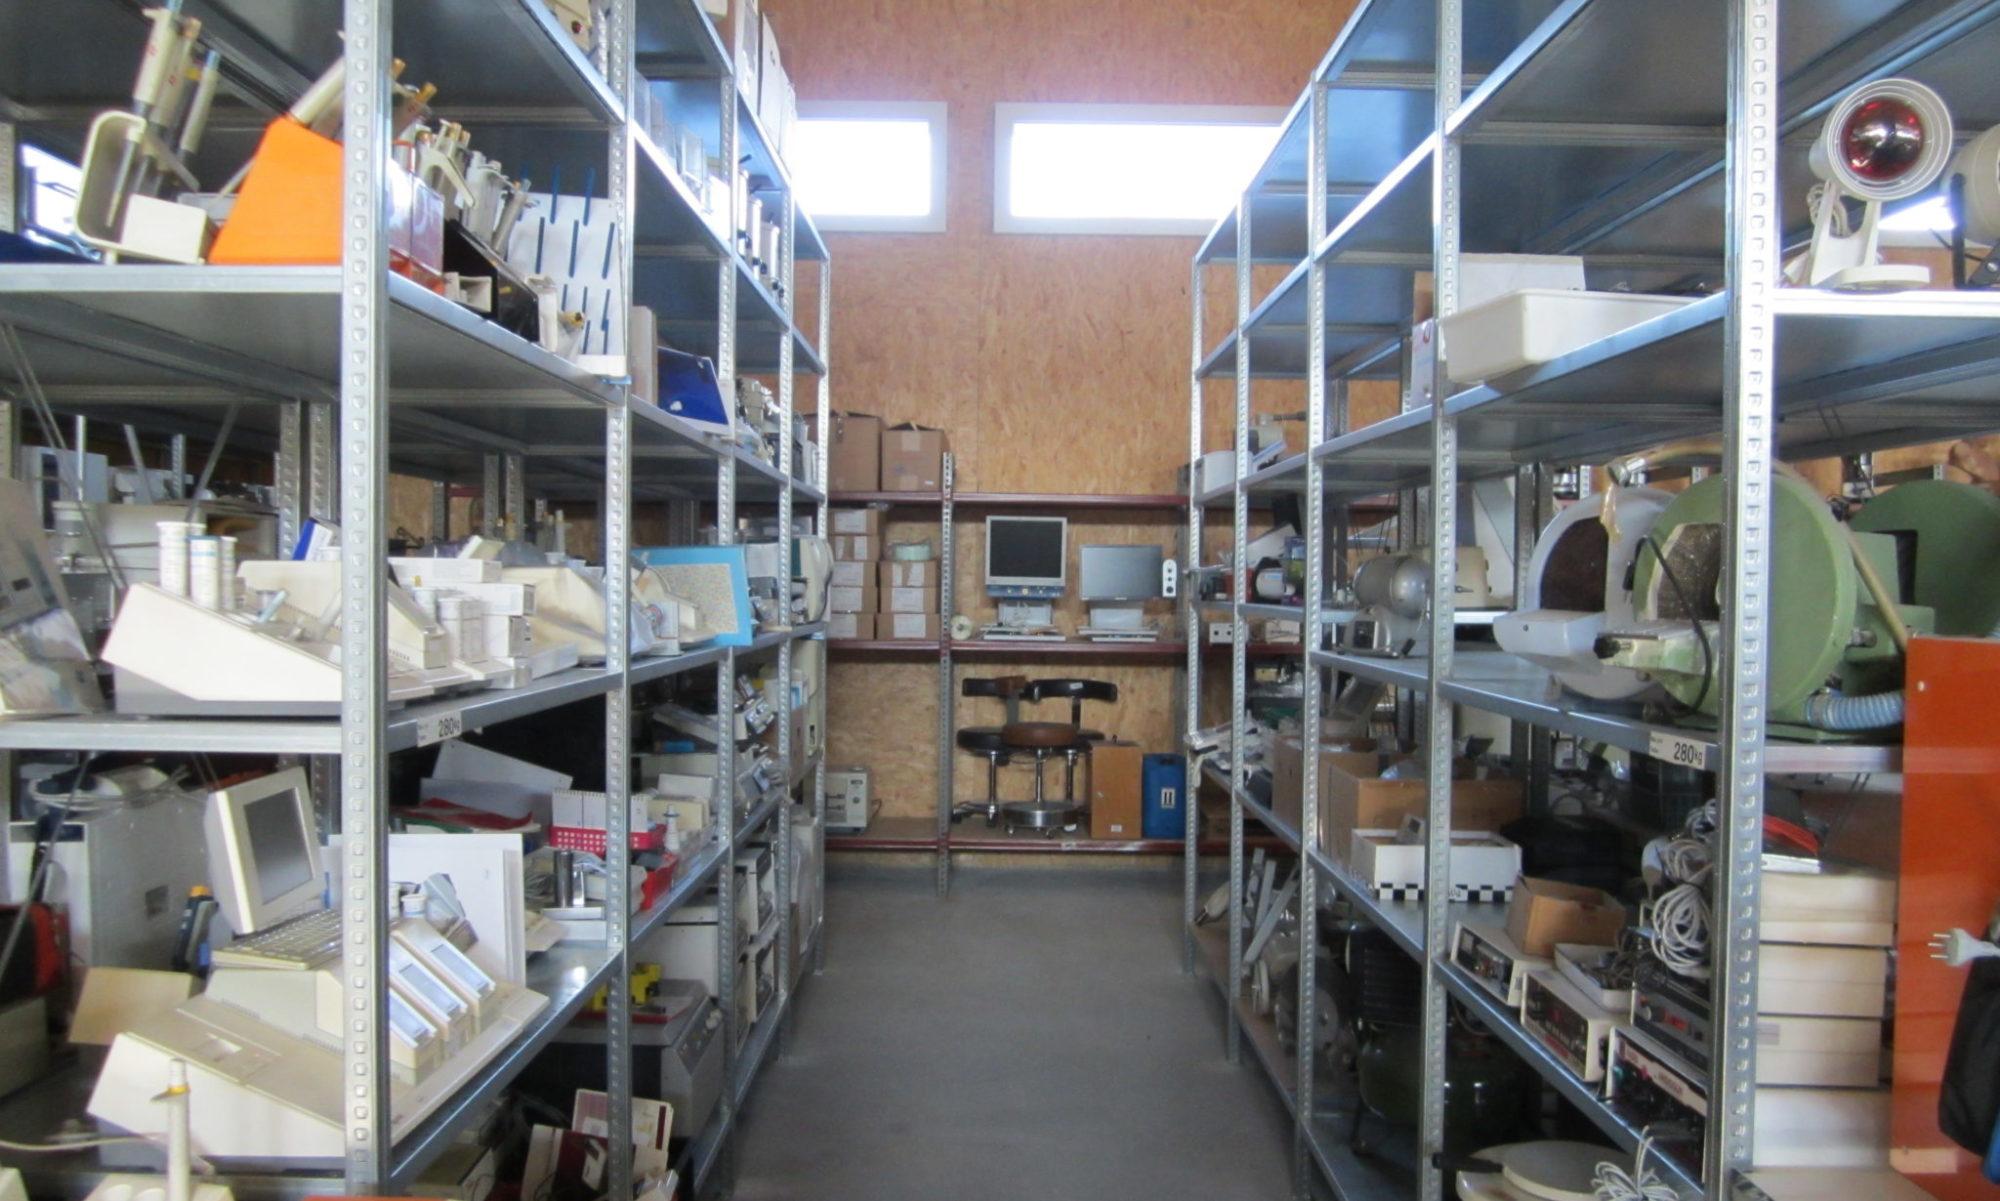 Spitalmaterial aus der Schweiz für Hilfsprojekte in der Dritten Welt